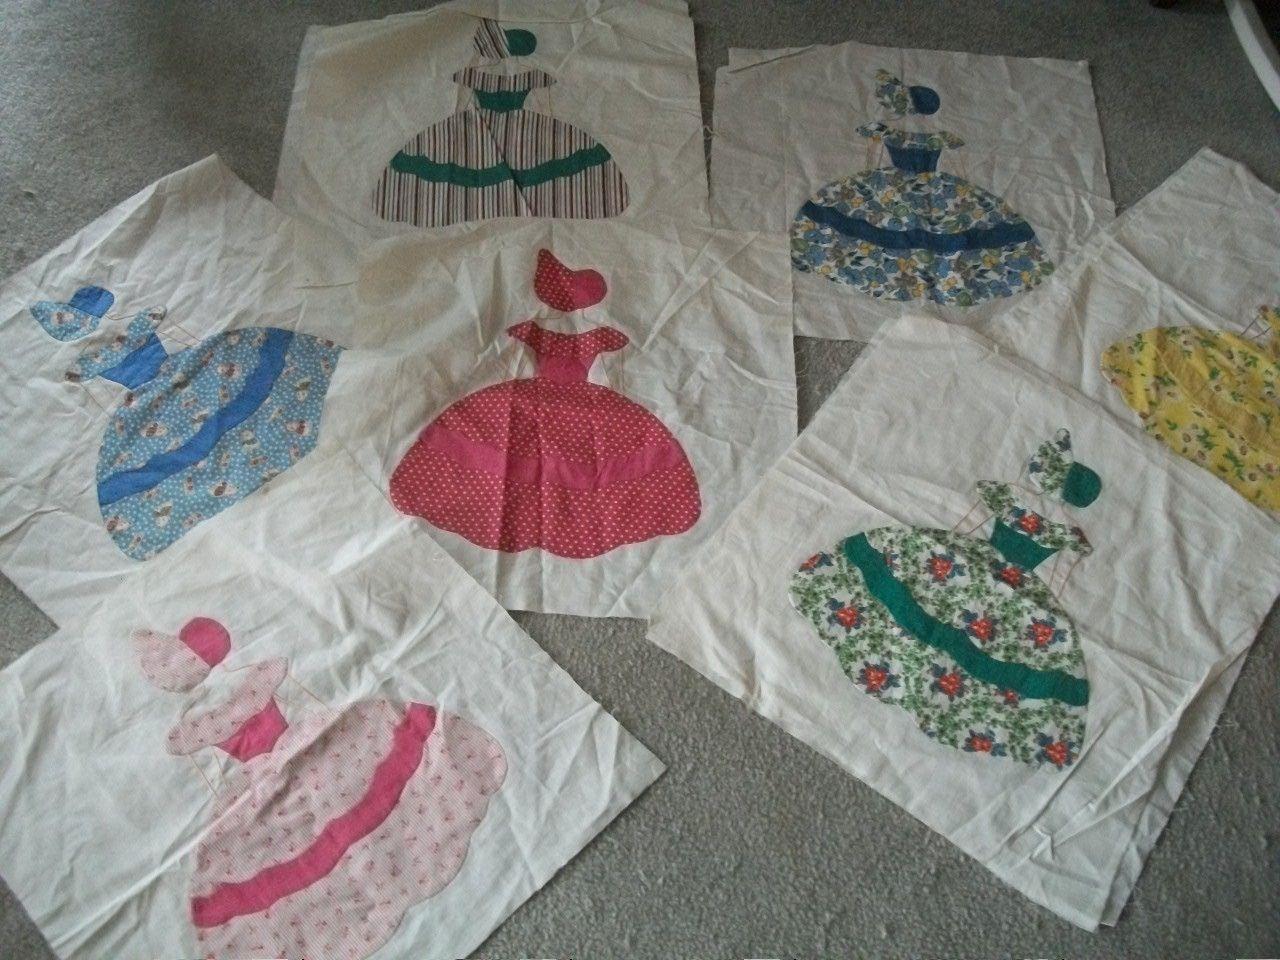 10 Vintage Sunbonnet Lady Quilt Blocks Hand Sewn Just